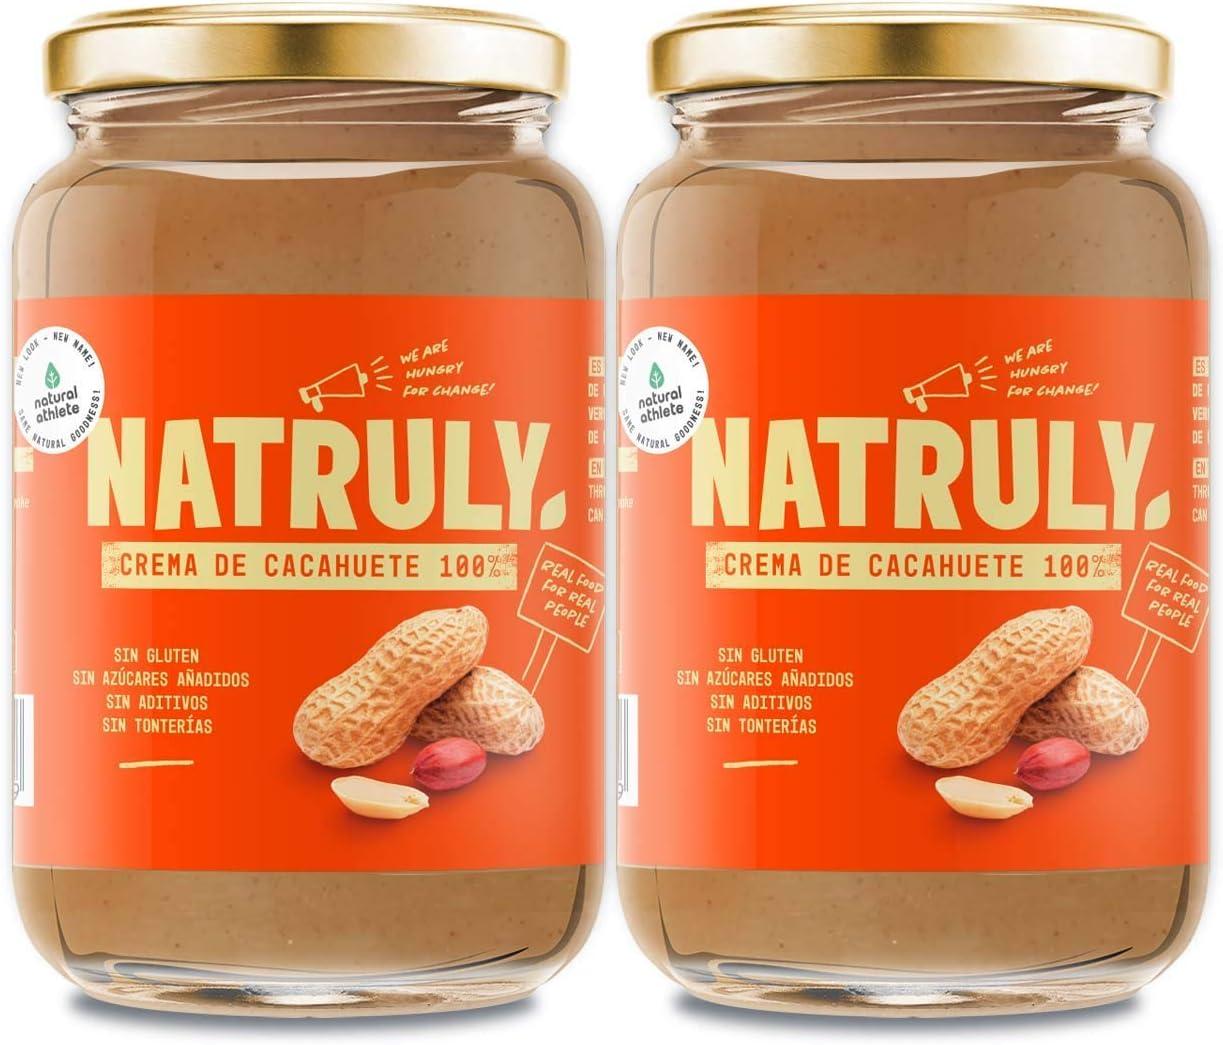 NATRULY Crema de Cacahuete Sin Azúcar, Vegana, Sin Gluten, Sin Lactosa, 100% Cacahuete -Pack 2x500g (antes Natural Athlete): Amazon.es: Alimentación y bebidas